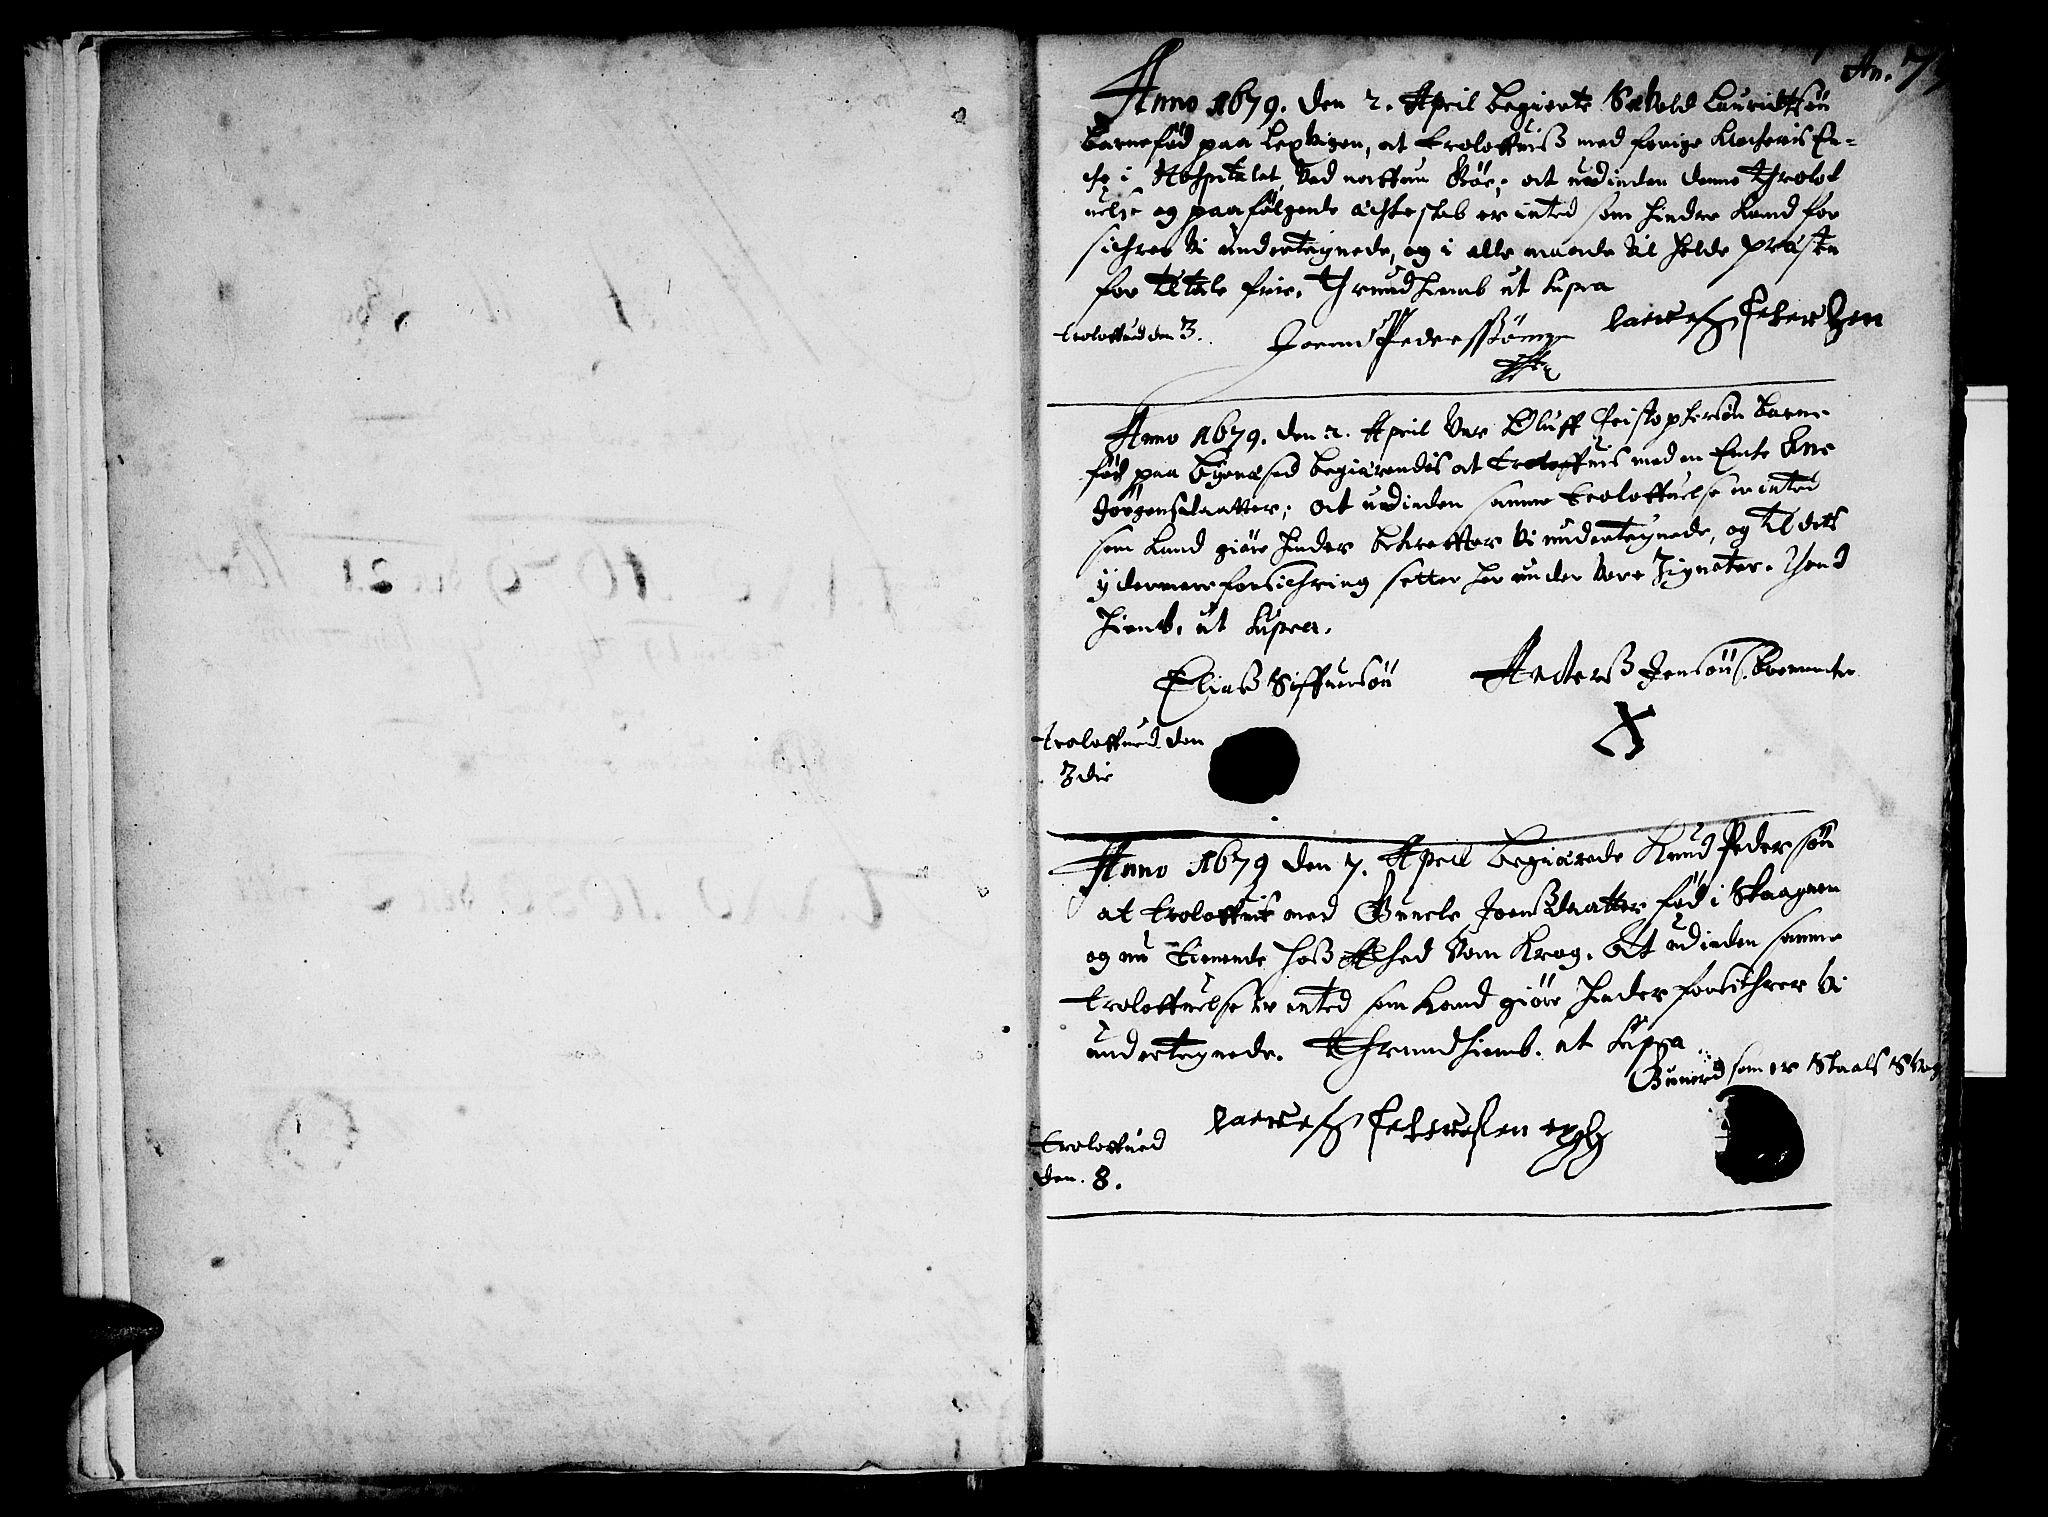 SAT, Ministerialprotokoller, klokkerbøker og fødselsregistre - Sør-Trøndelag, 601/L0033: Parish register (official) no. 601A01, 1679-1728